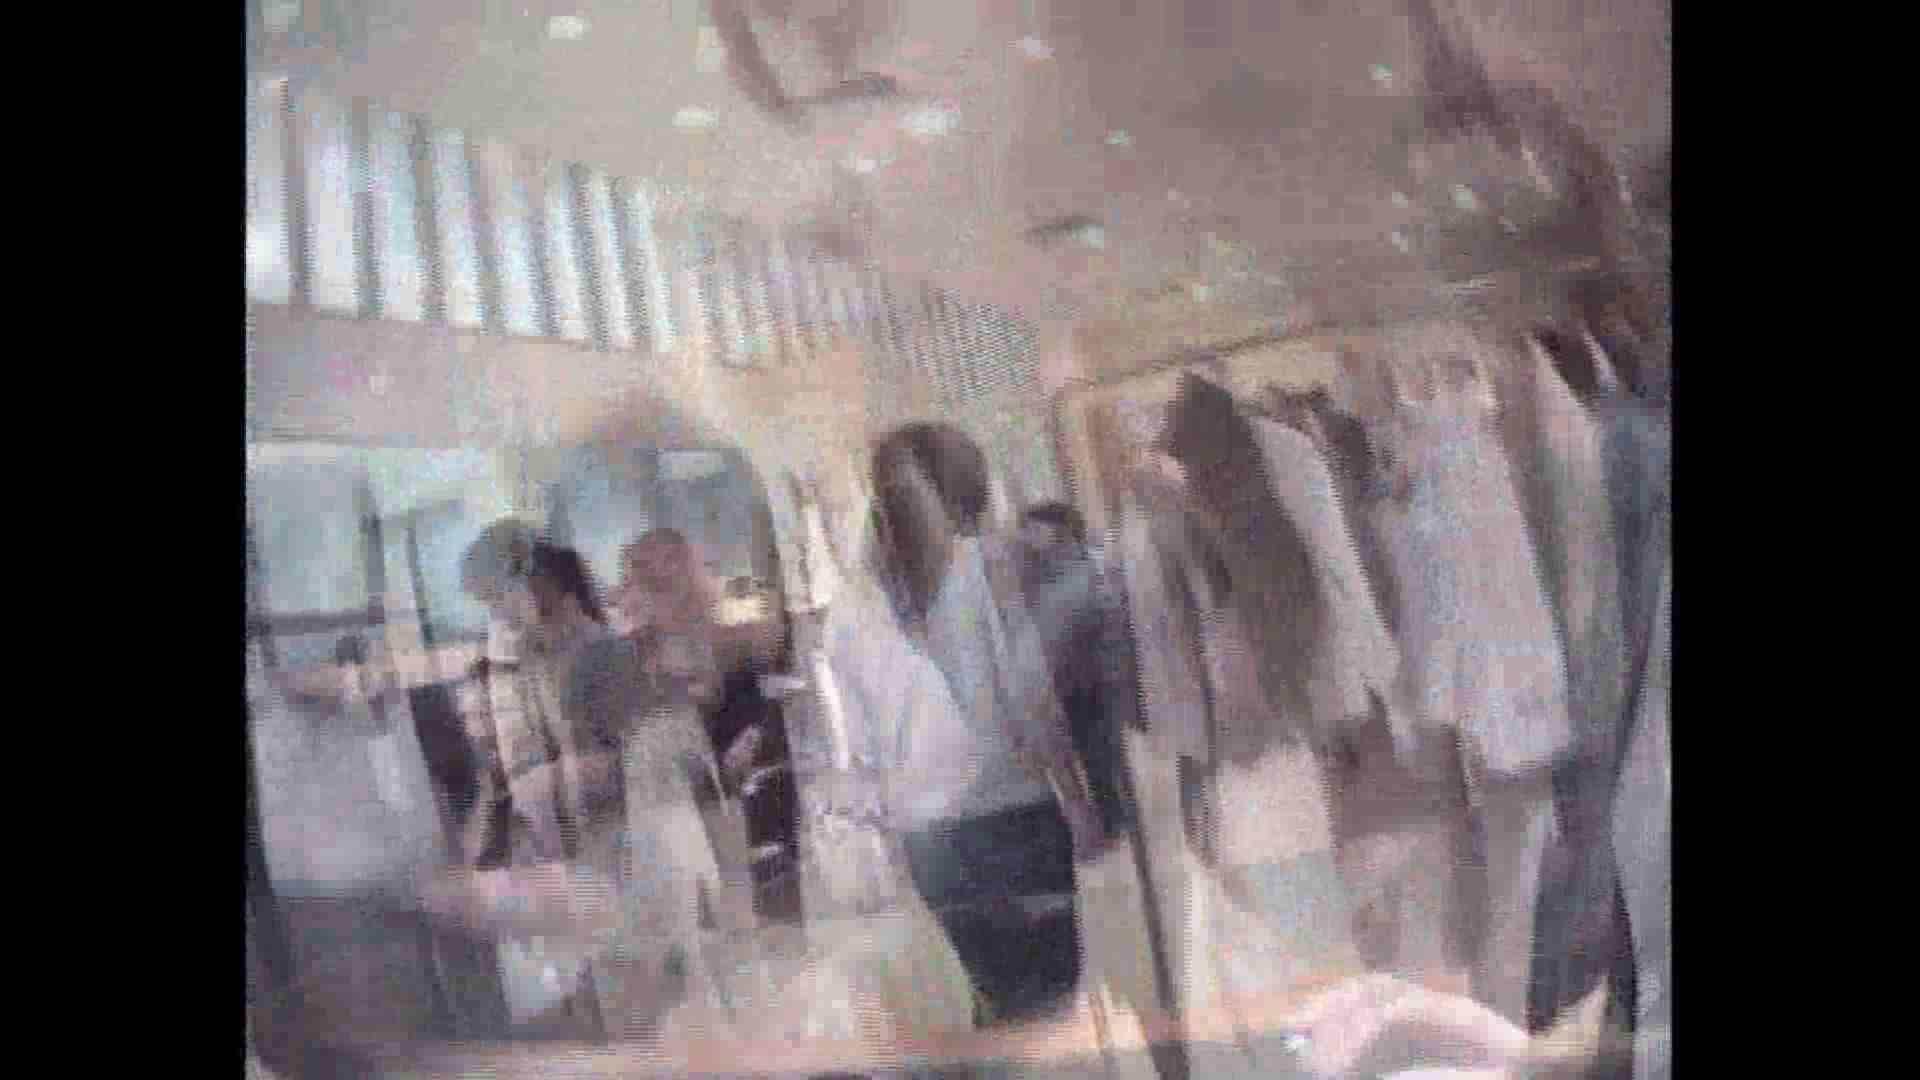 働く美女の谷間参拝 Vol.20 おっぱい特集 おまんこ無修正動画無料 82pic 79